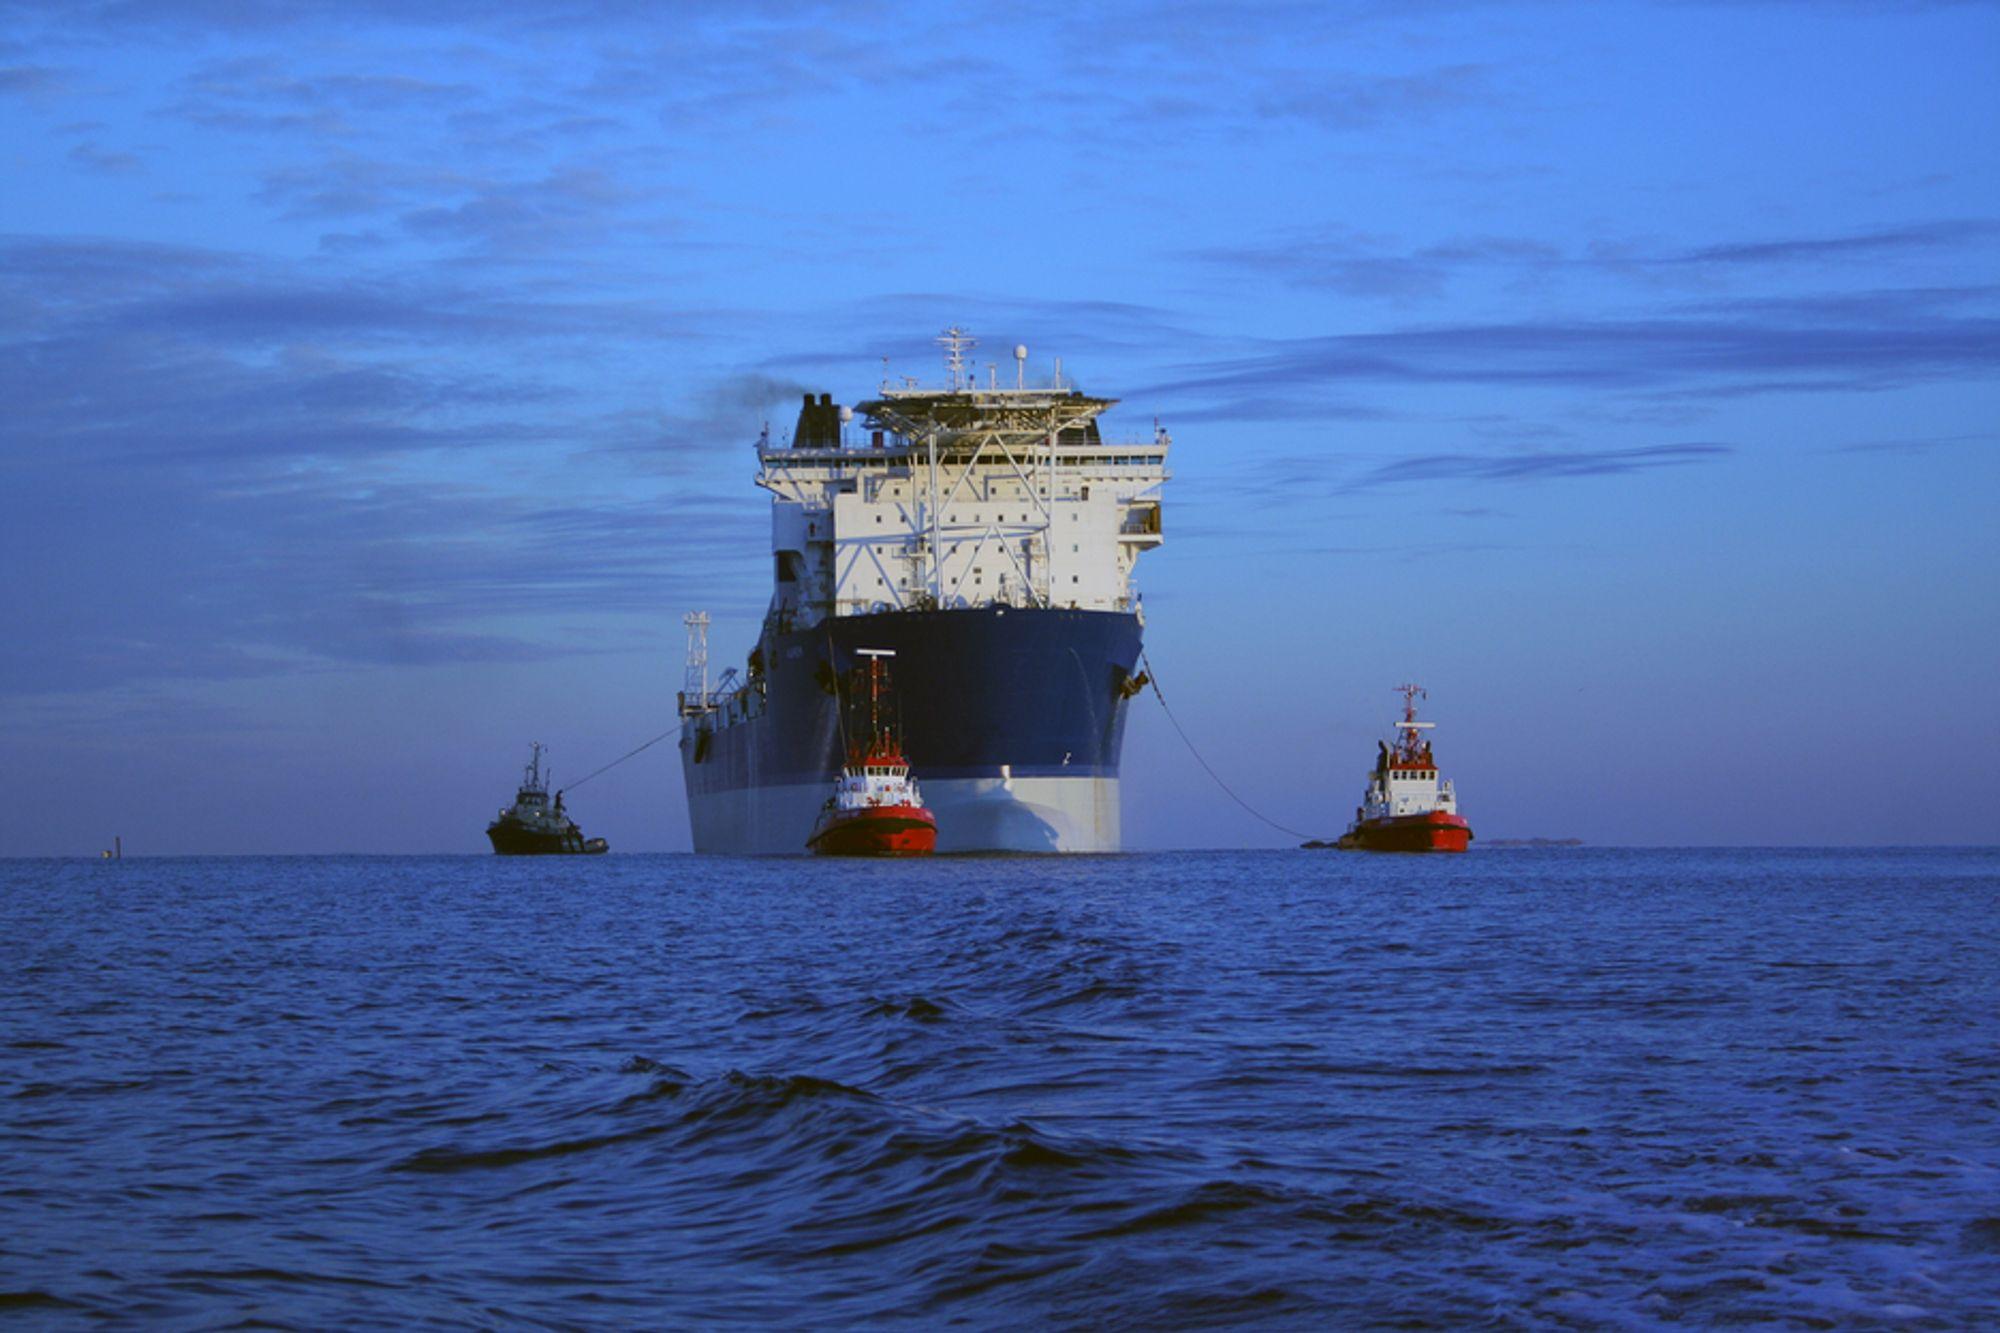 Produksjonen ble stengt ned på Alvheim-skipet søndag på grunn av blackout og røykutvikling.